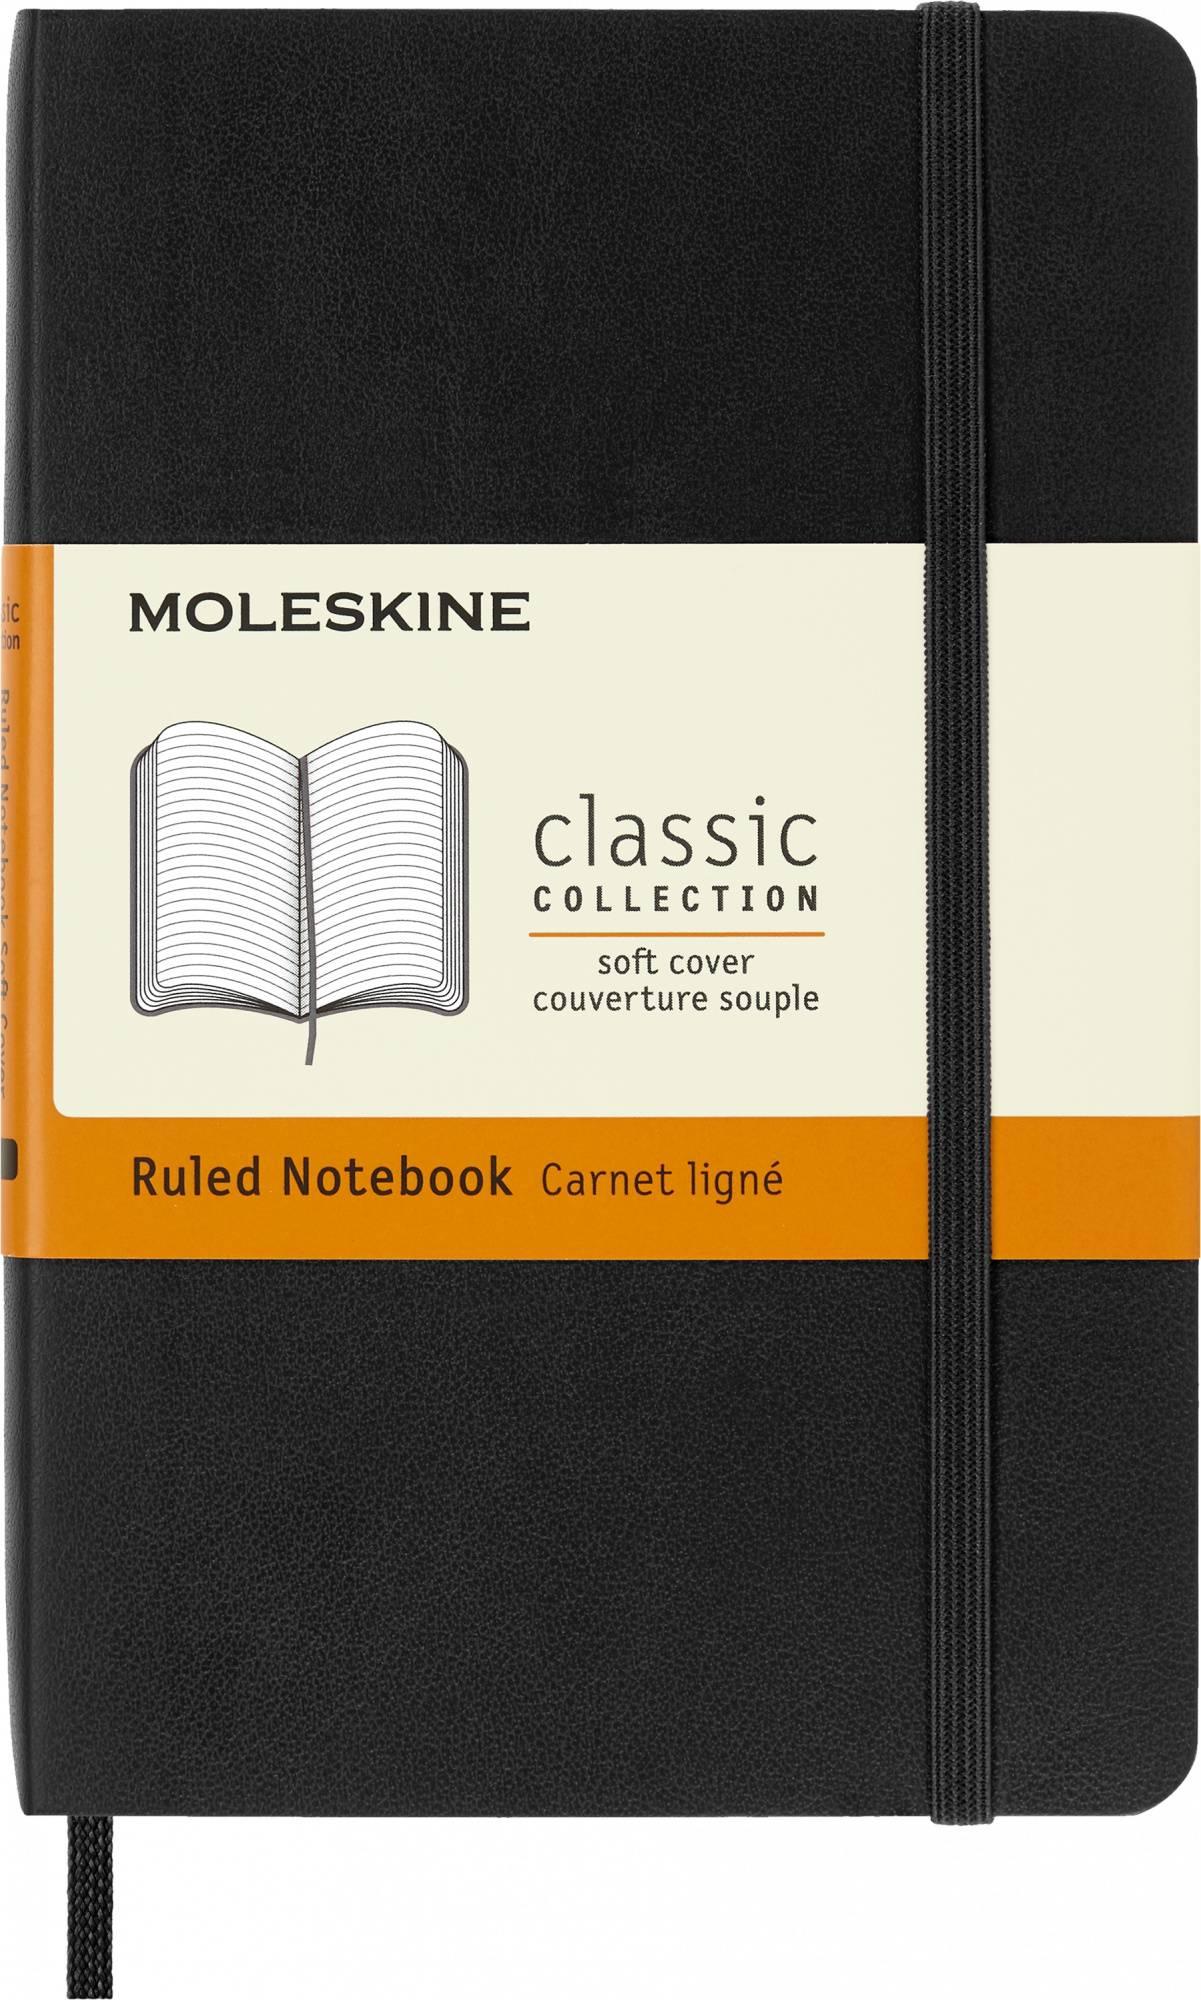 Блокнот Moleskine CLASSIC SOFT POCKET 90x140мм 192стр. линейка мягкая обложка фиксирующая резинка черный - фото 1